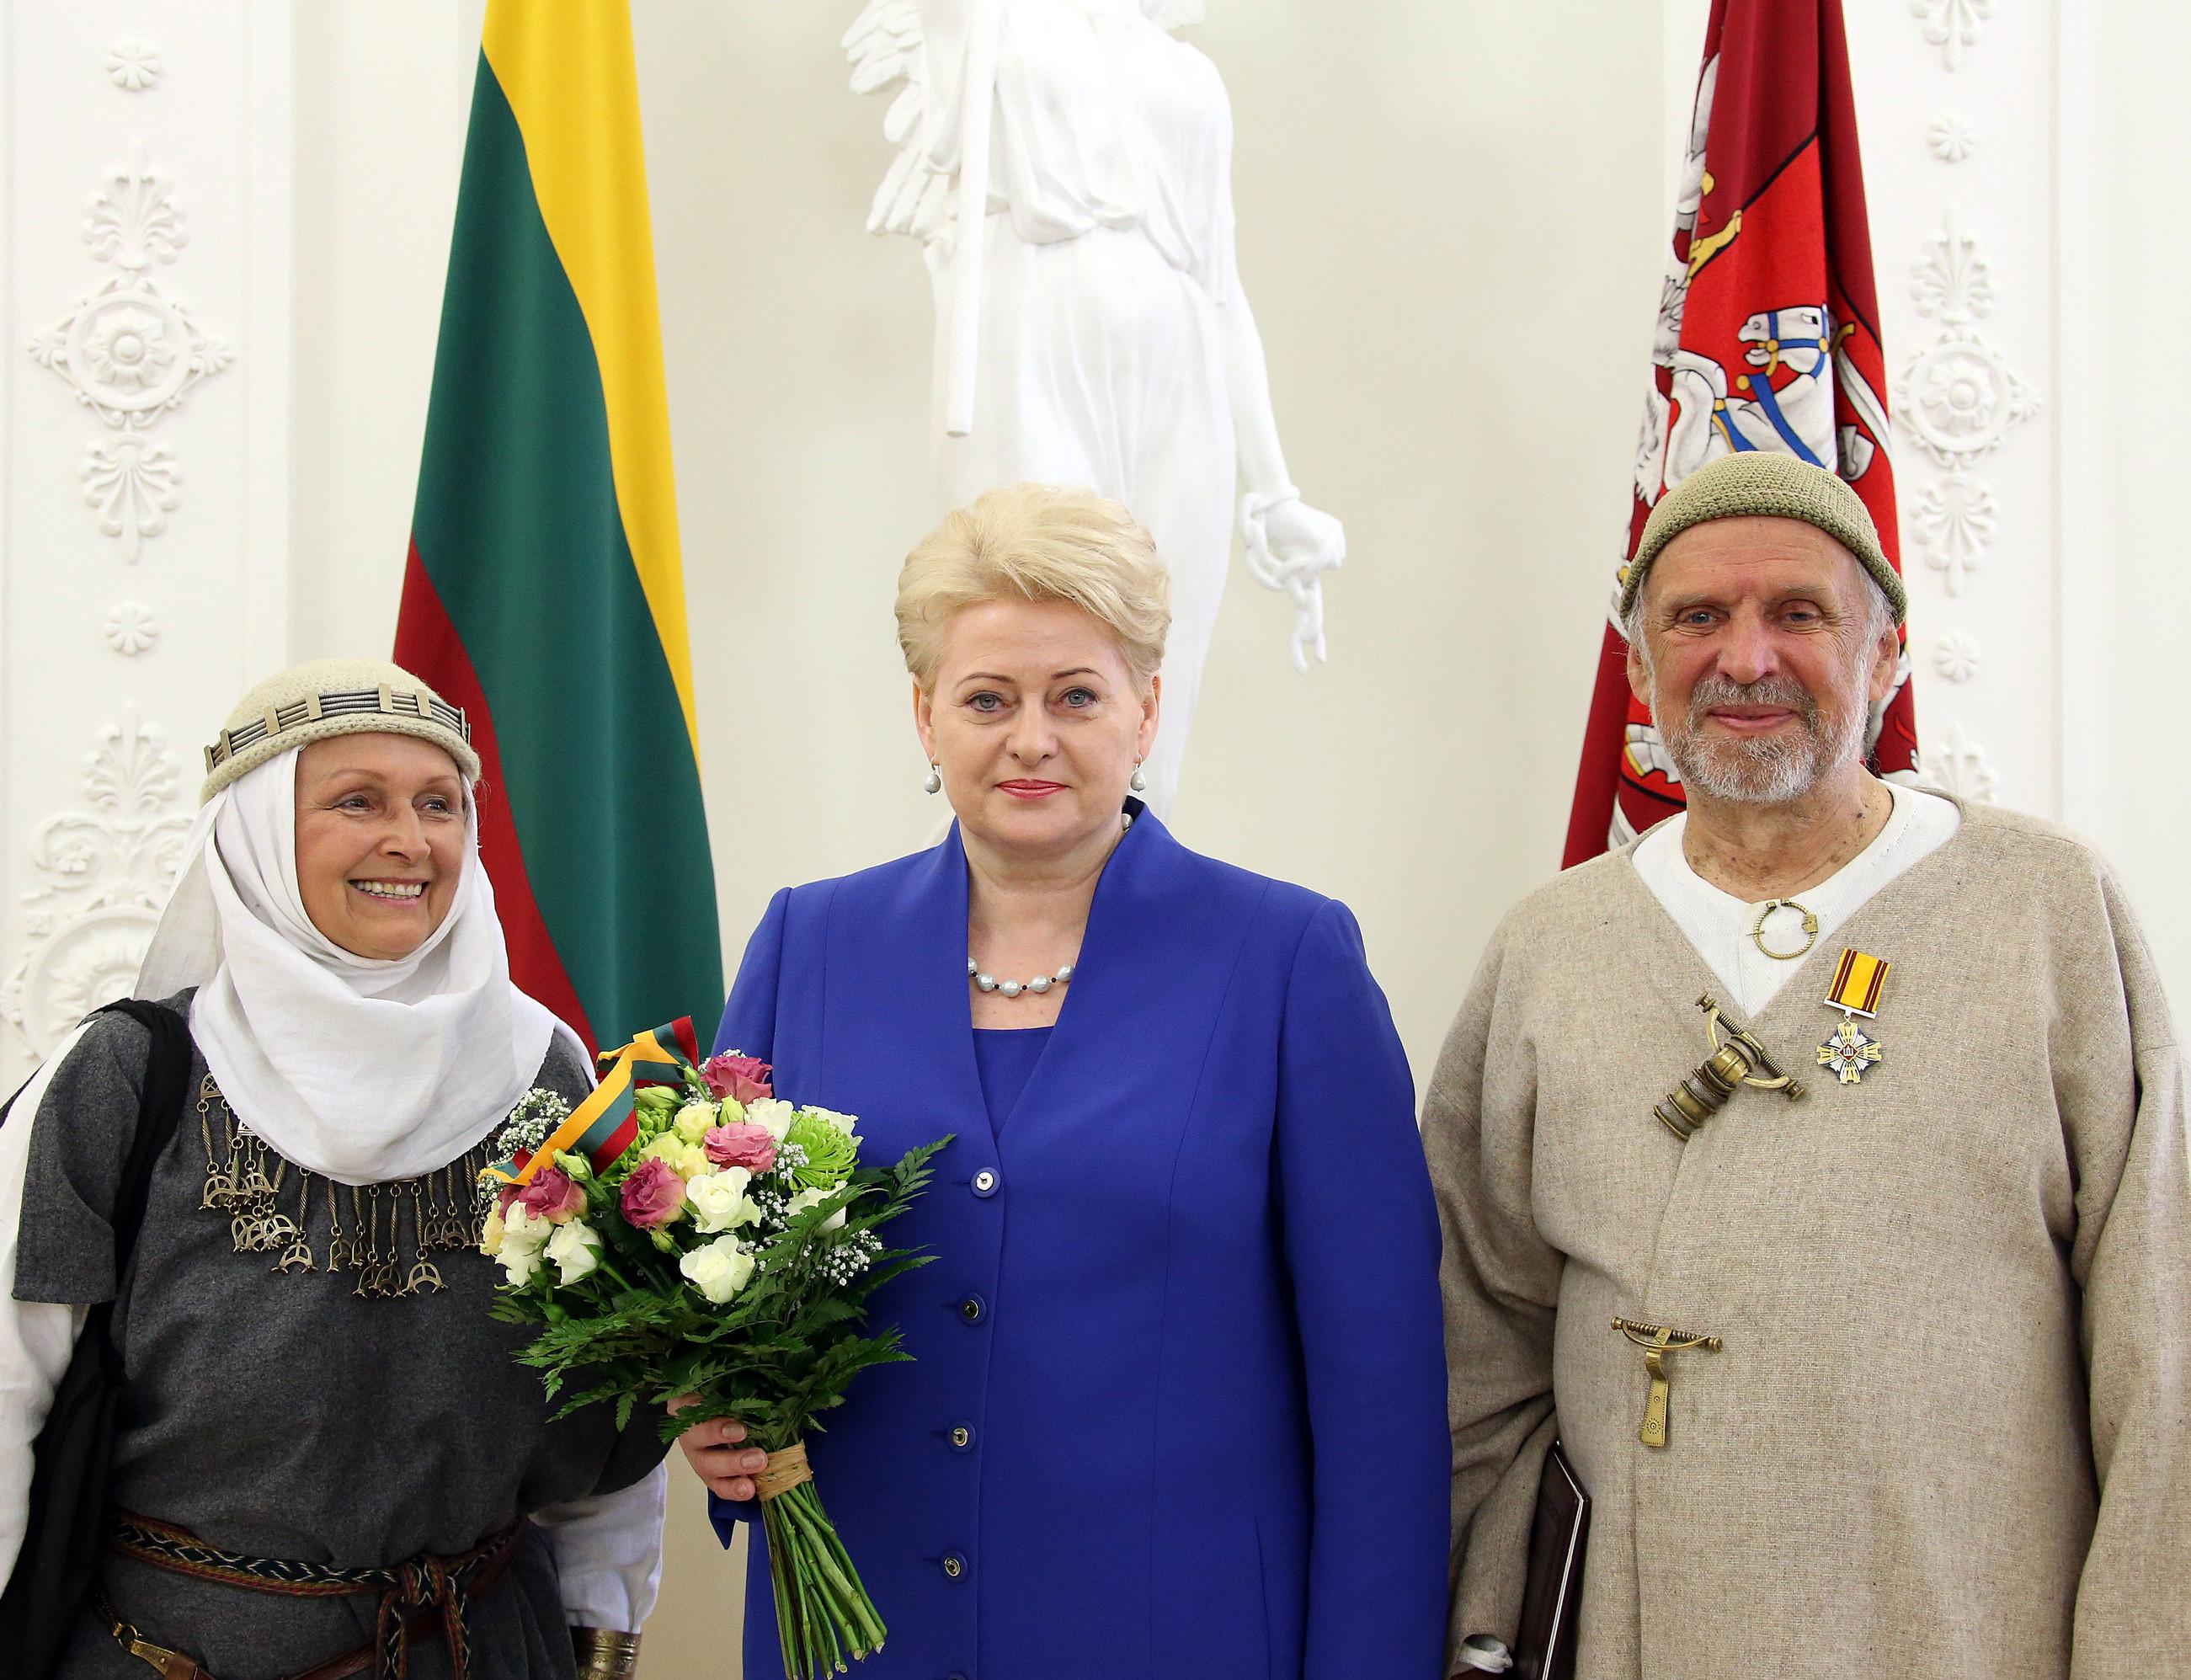 Jonas Trinkūnas ir Inija Trinkūnienė po apdovanojimo su Prezidente | lrp.lt, Dž.G.Barysaitės nuotr.